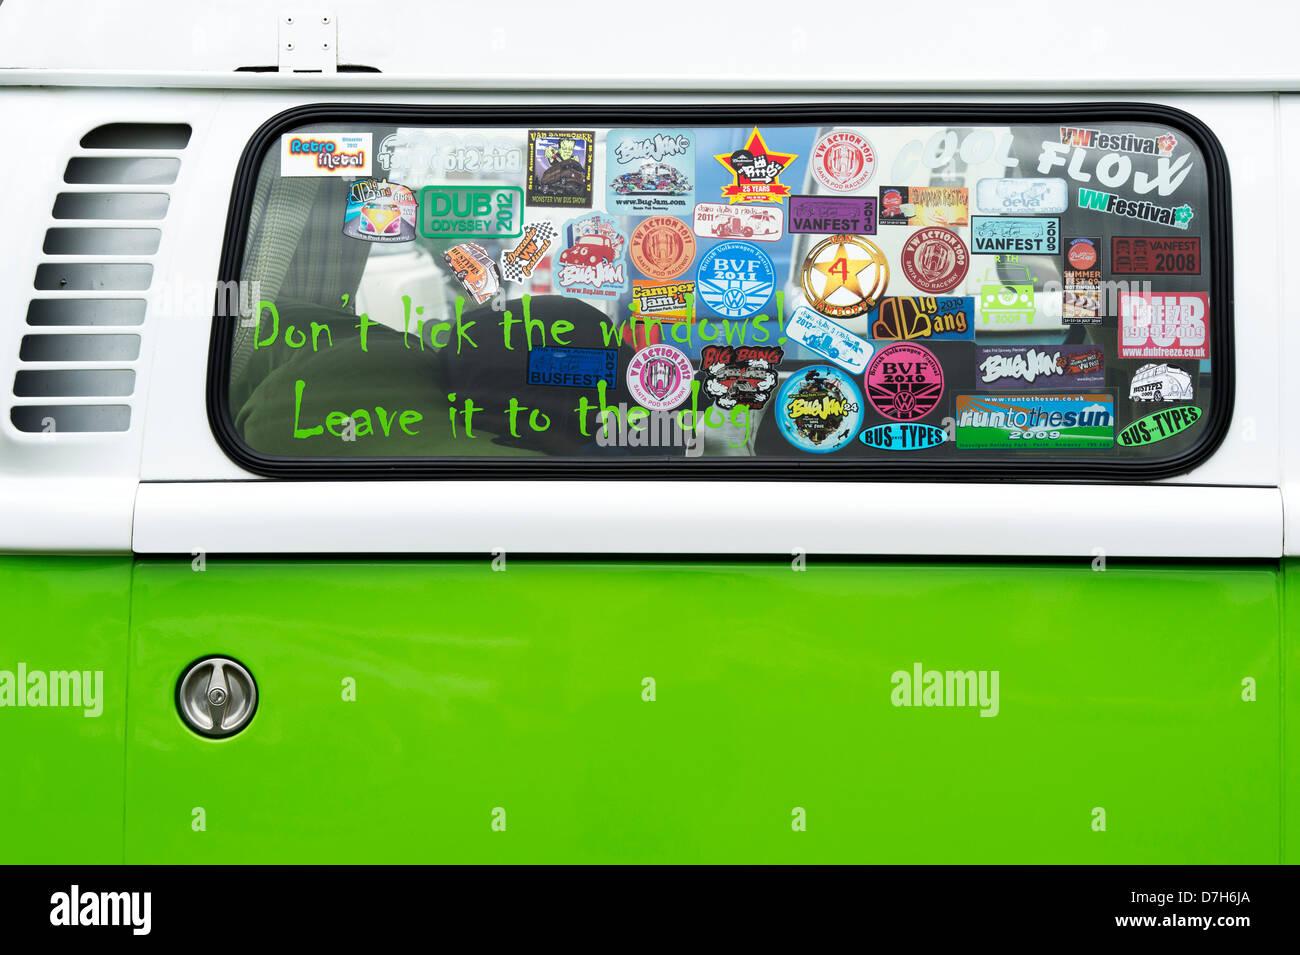 Vw volkswagen camper van window stickers